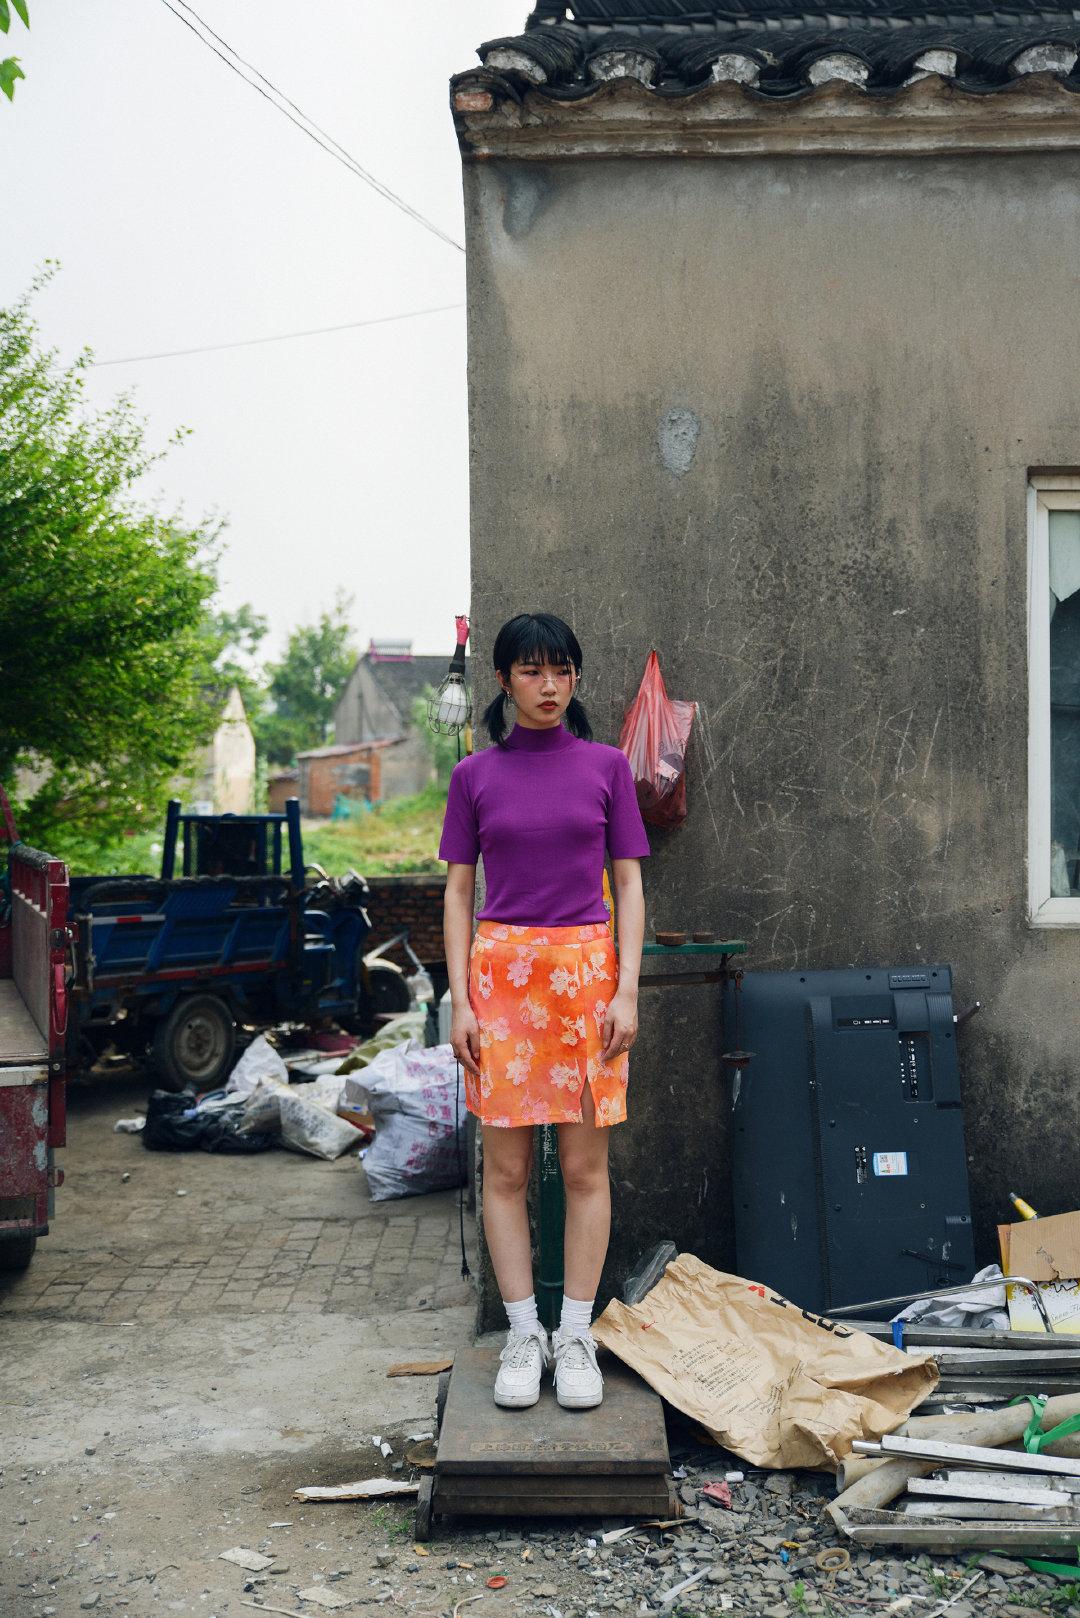 乡村美女图:村长的女儿生活照